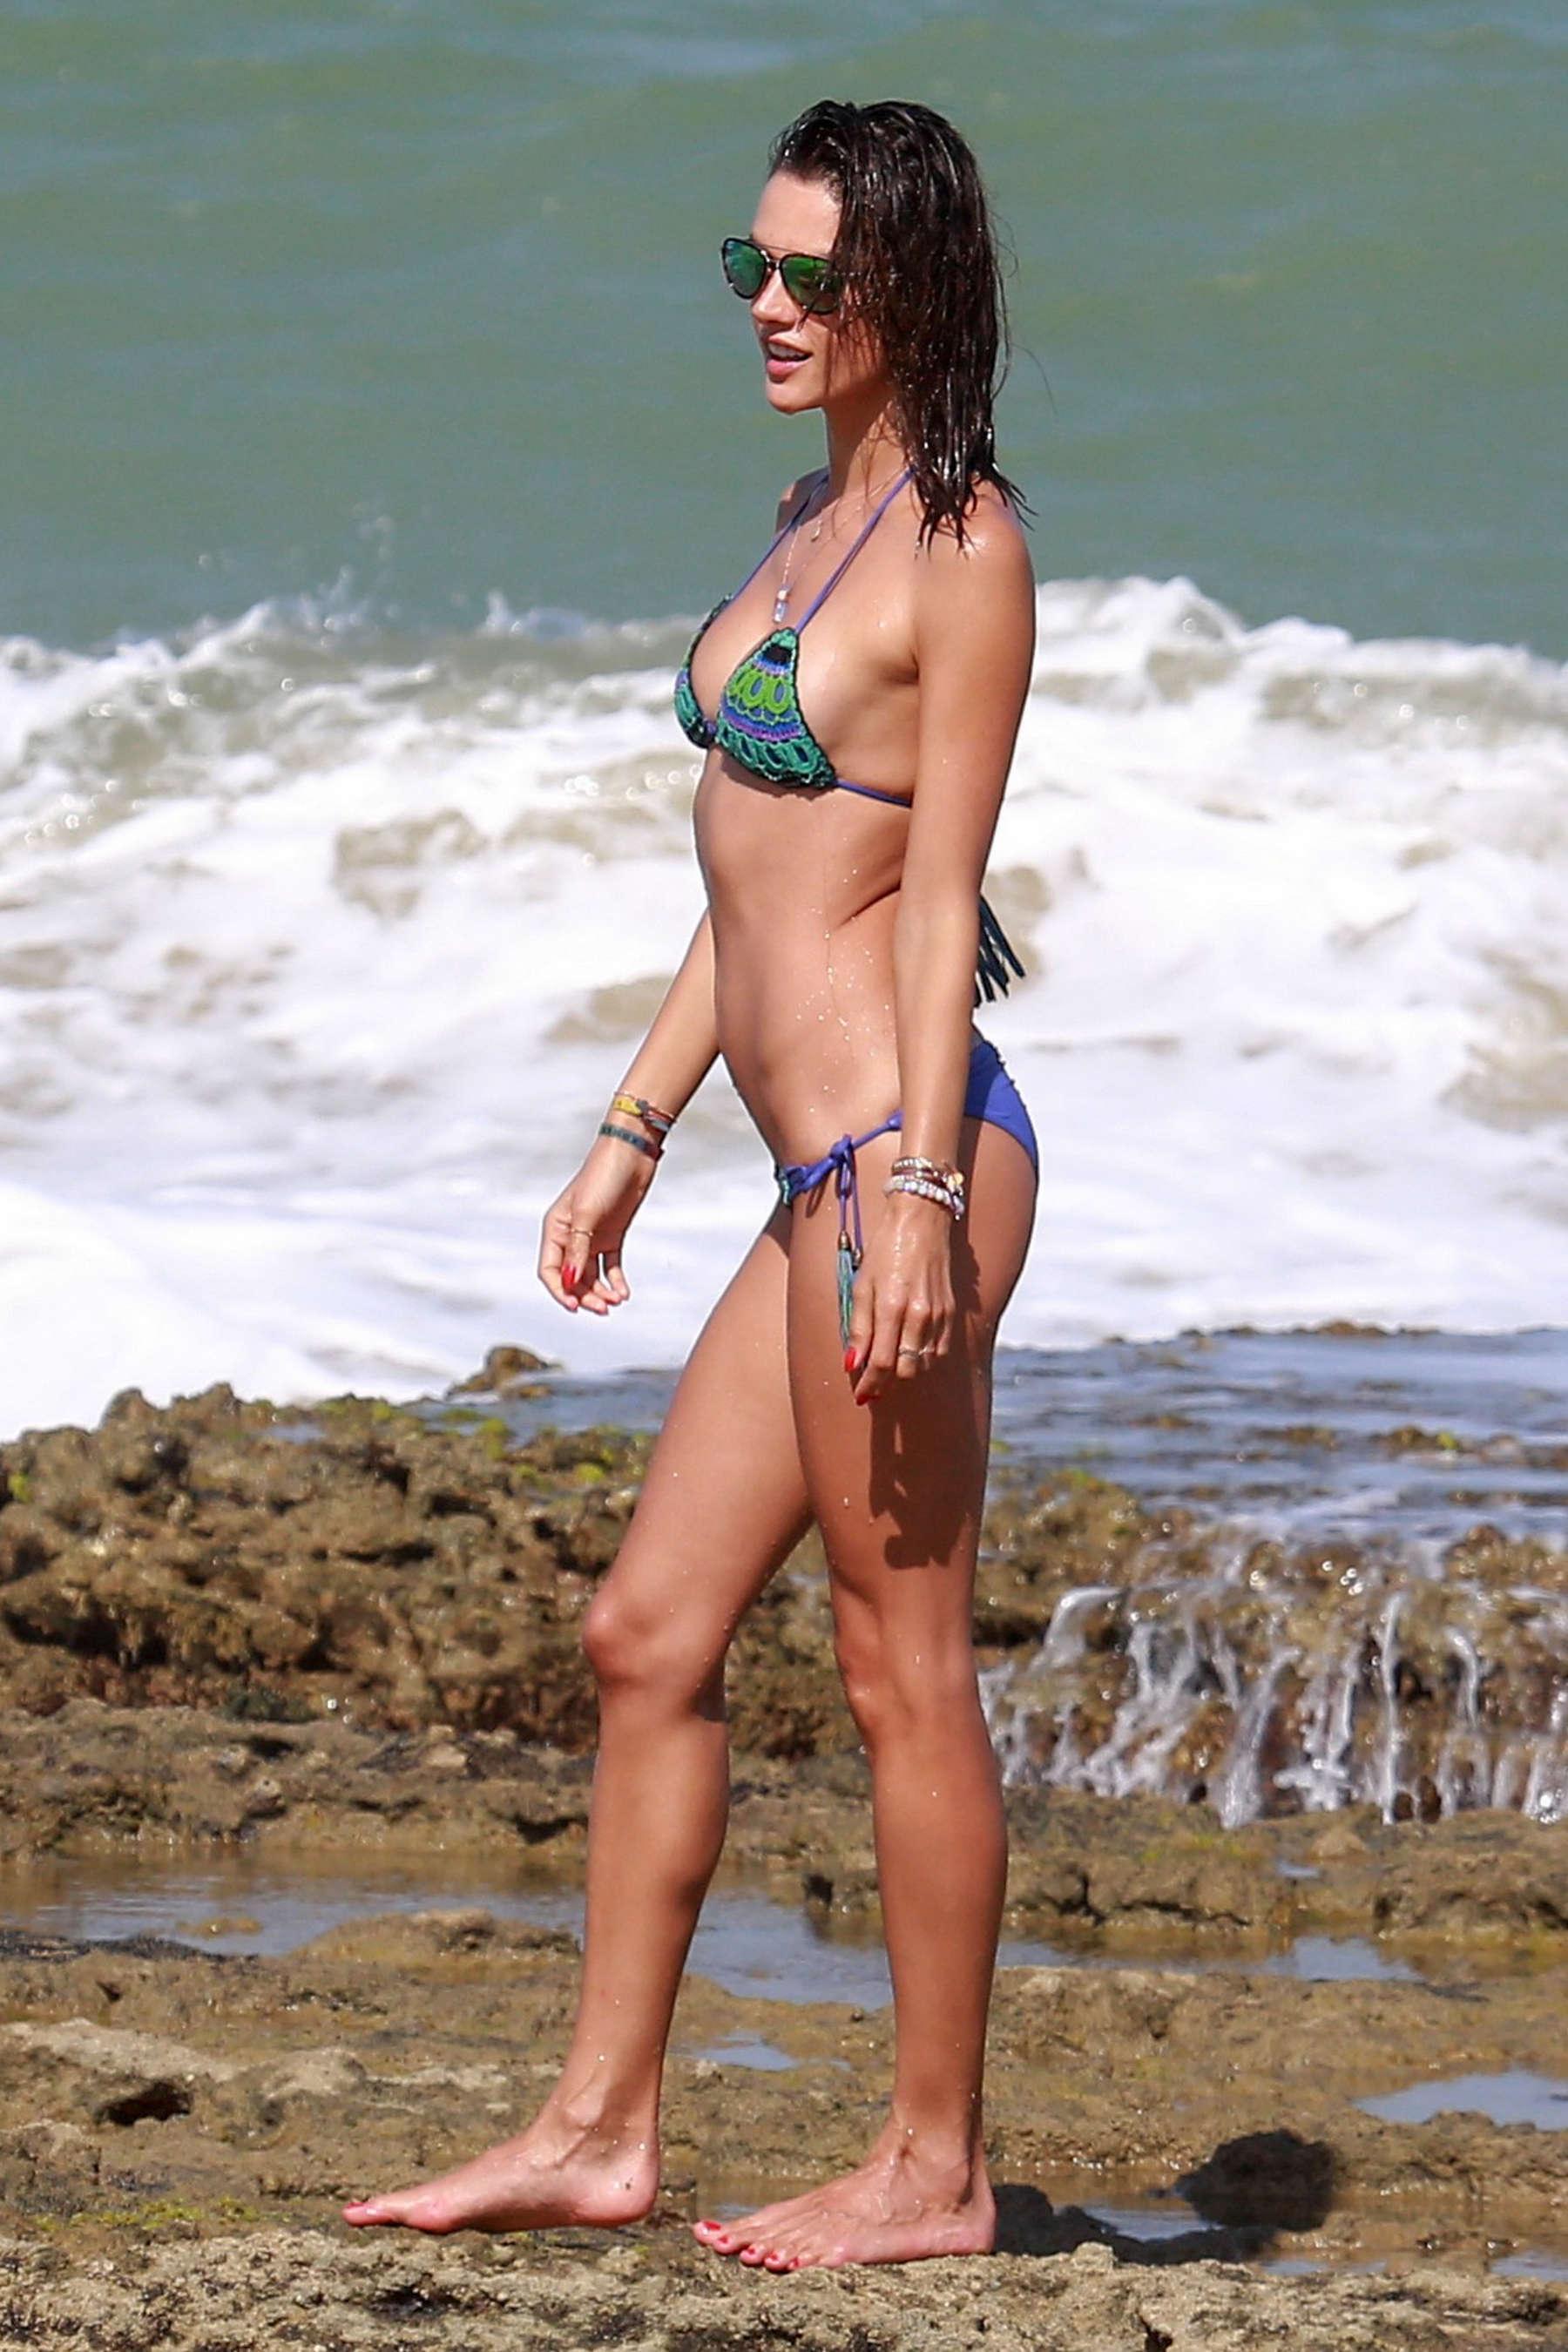 Alessandra Ambrosio 2016 : Alessandra Ambrosio Hot in Bikini -33